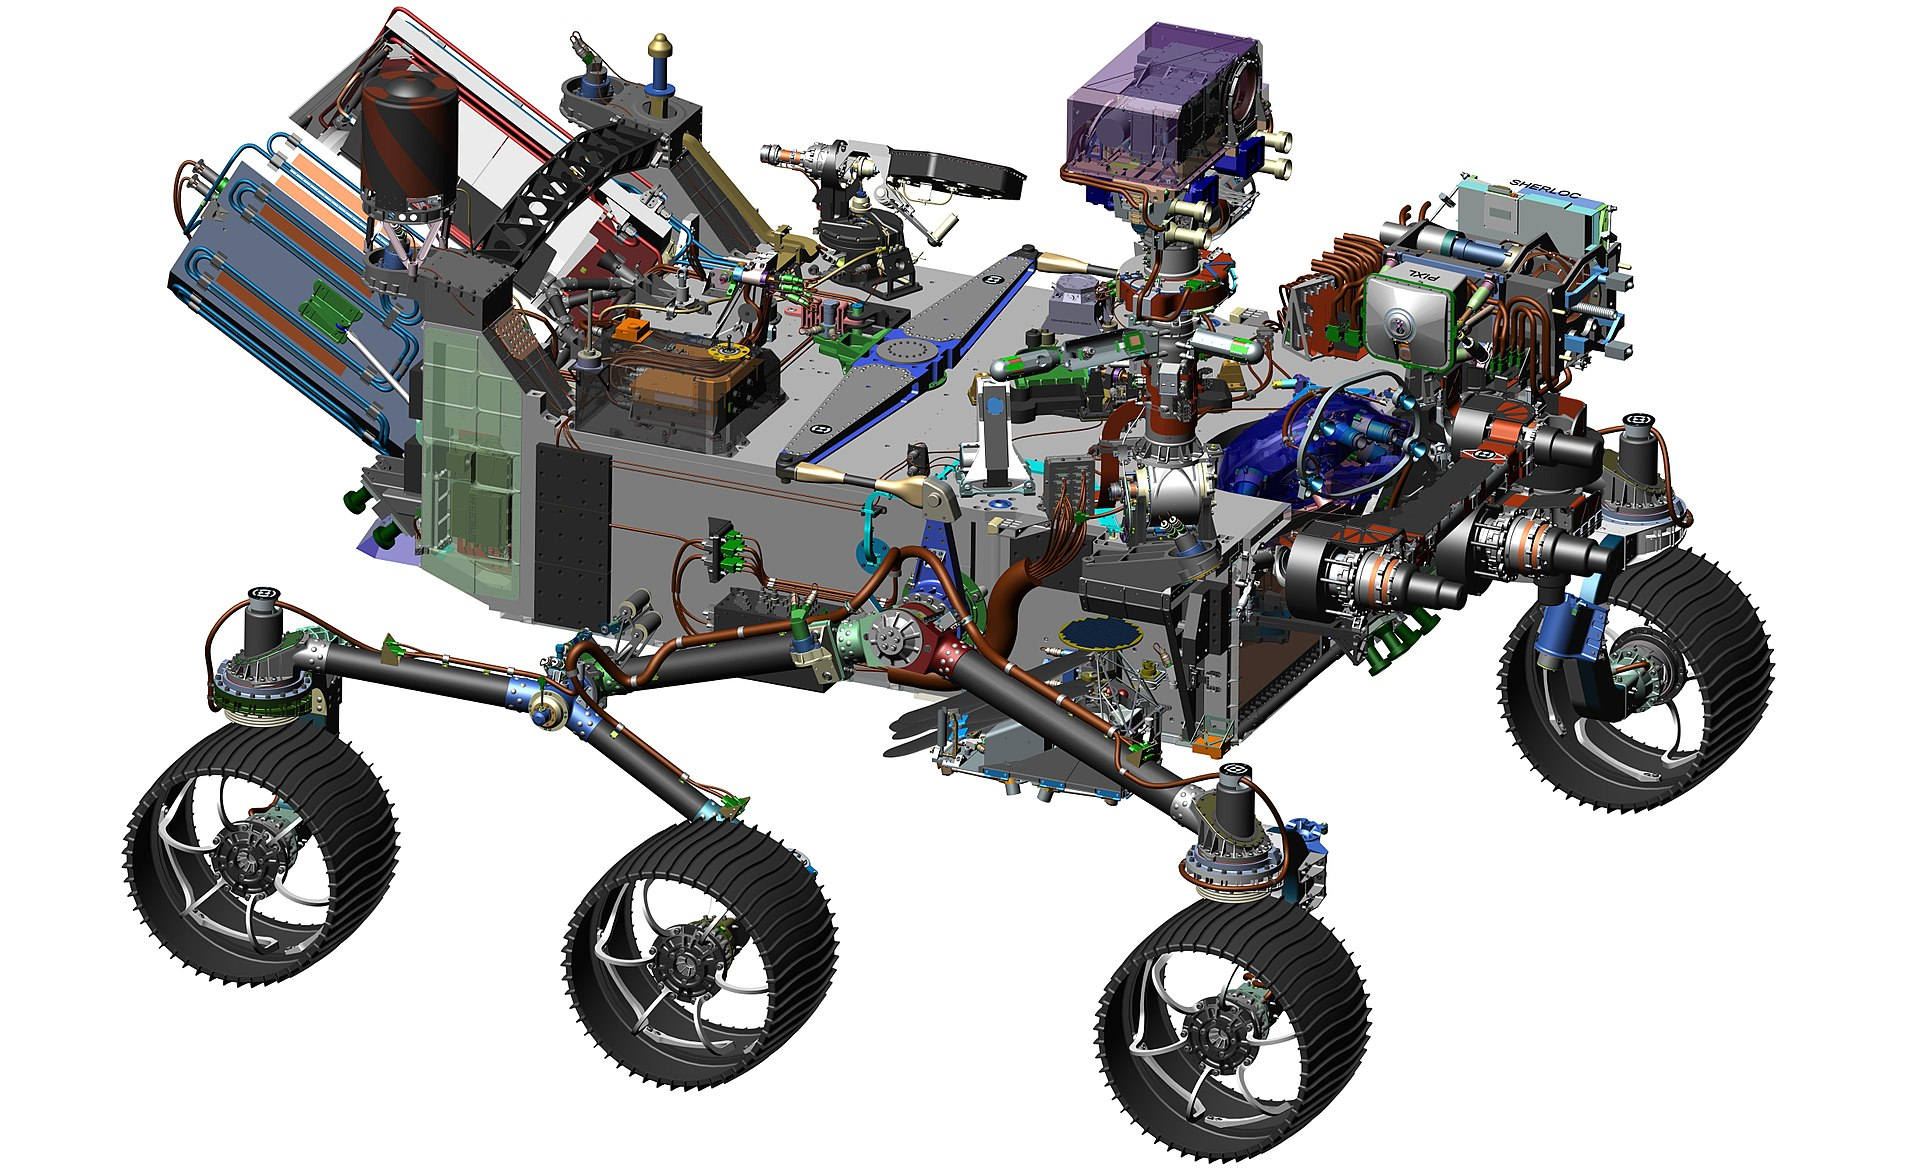 Разработчики марсохода следующего поколения используют ИИ для увеличения эффективности ровера